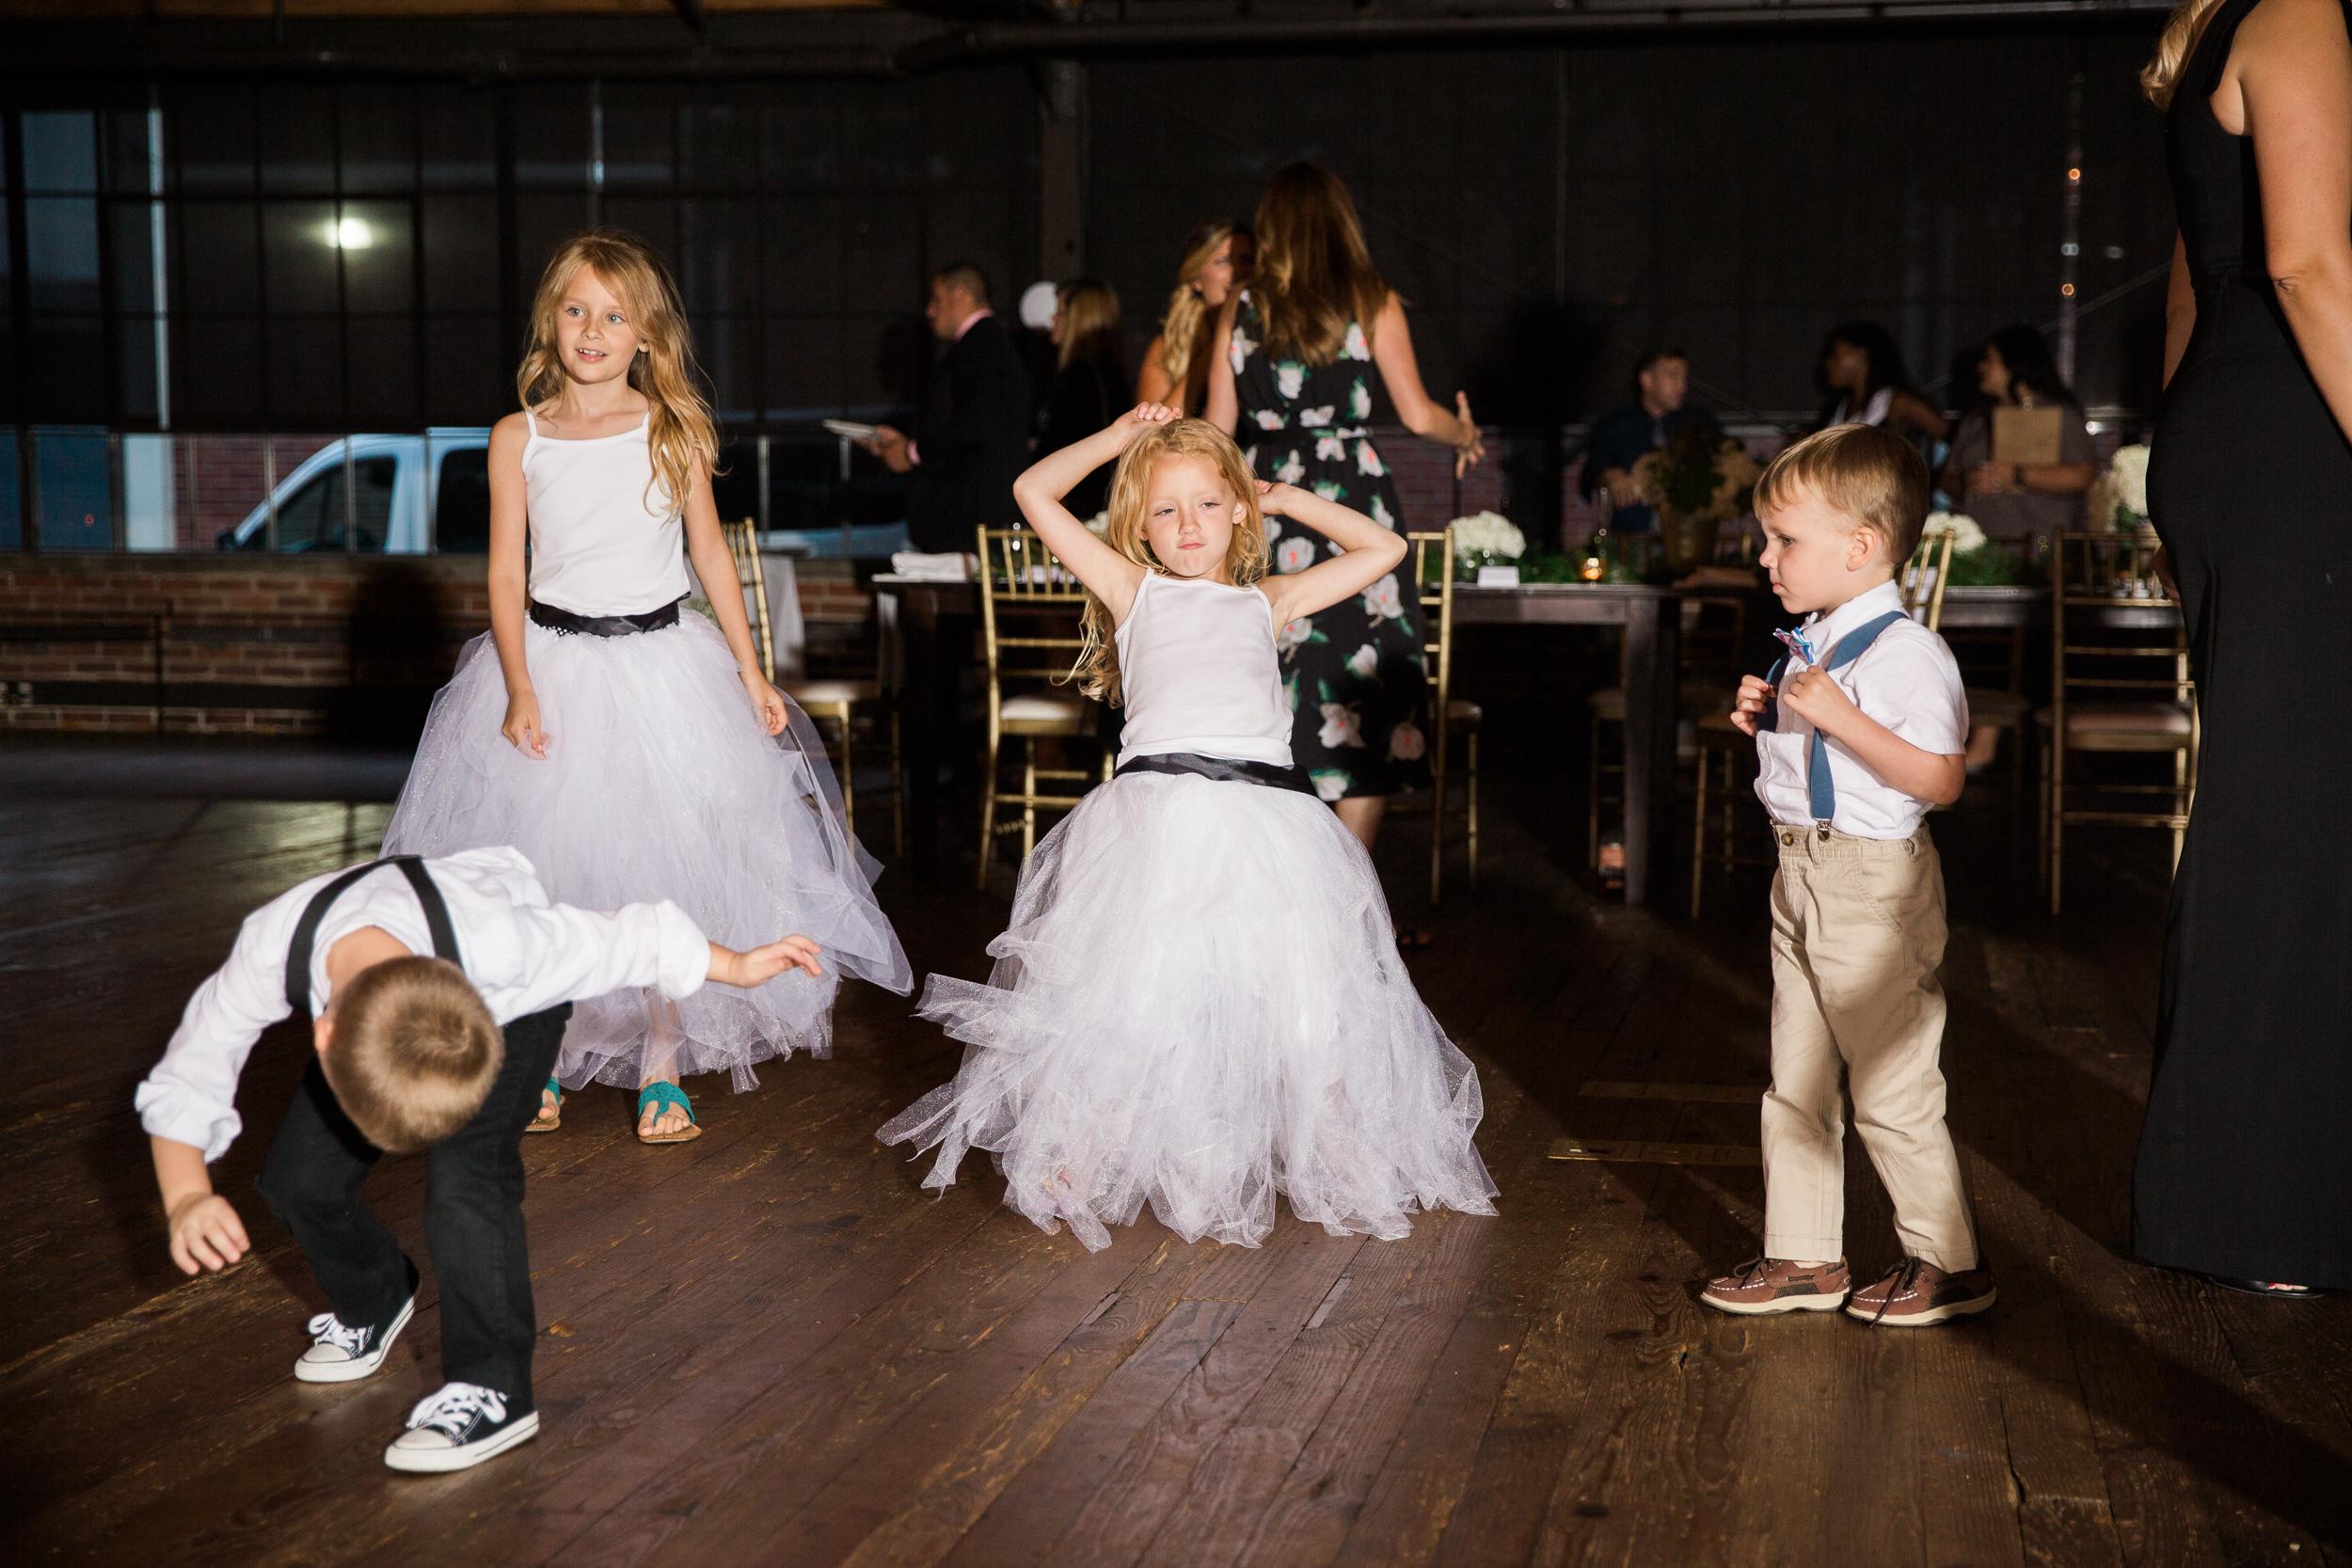 GY5A1218 Sponsel Wedding.jpg